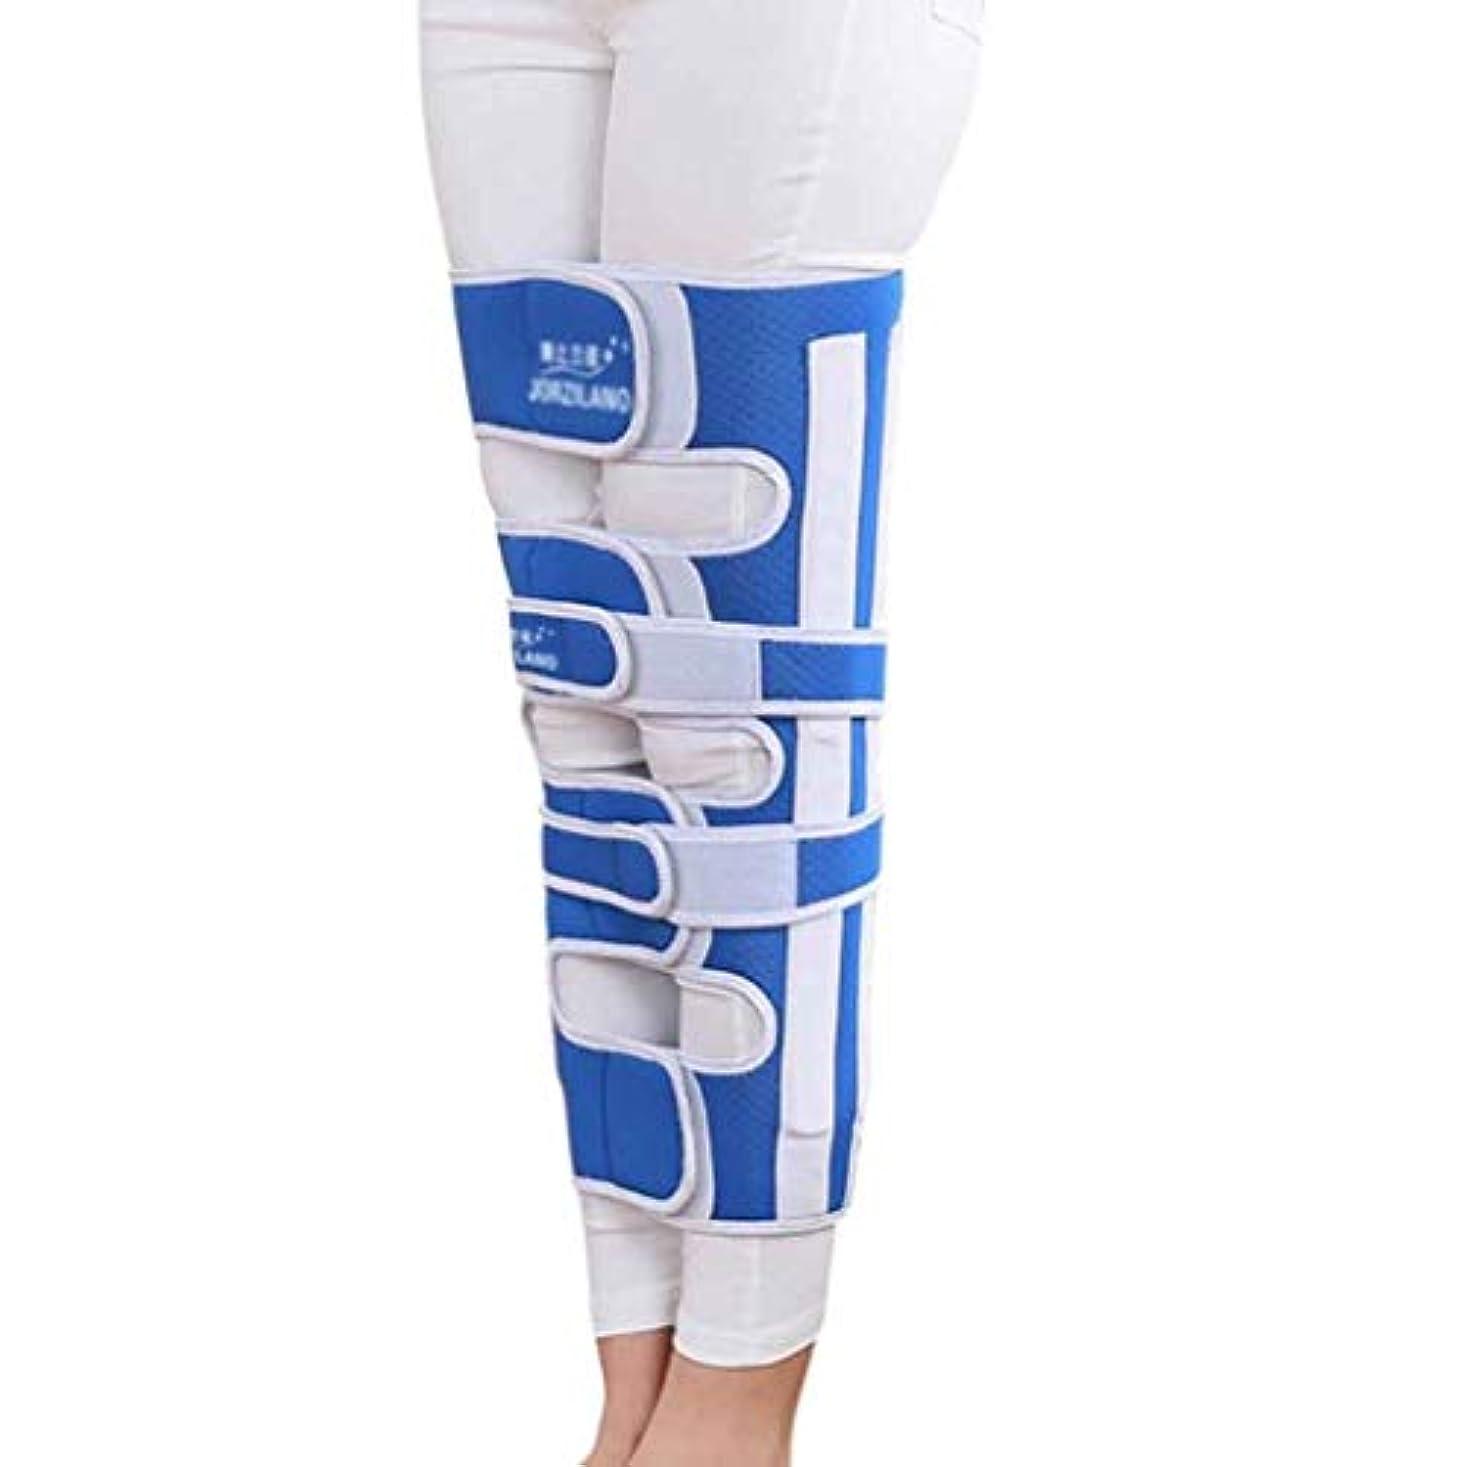 是正する関係ないモードリンO脚 矯正ベルト 姿勢矯正 膝弓矯正用ベルト X脚 矯正 内反膝矯正 美脚サポート 矯正用包帯